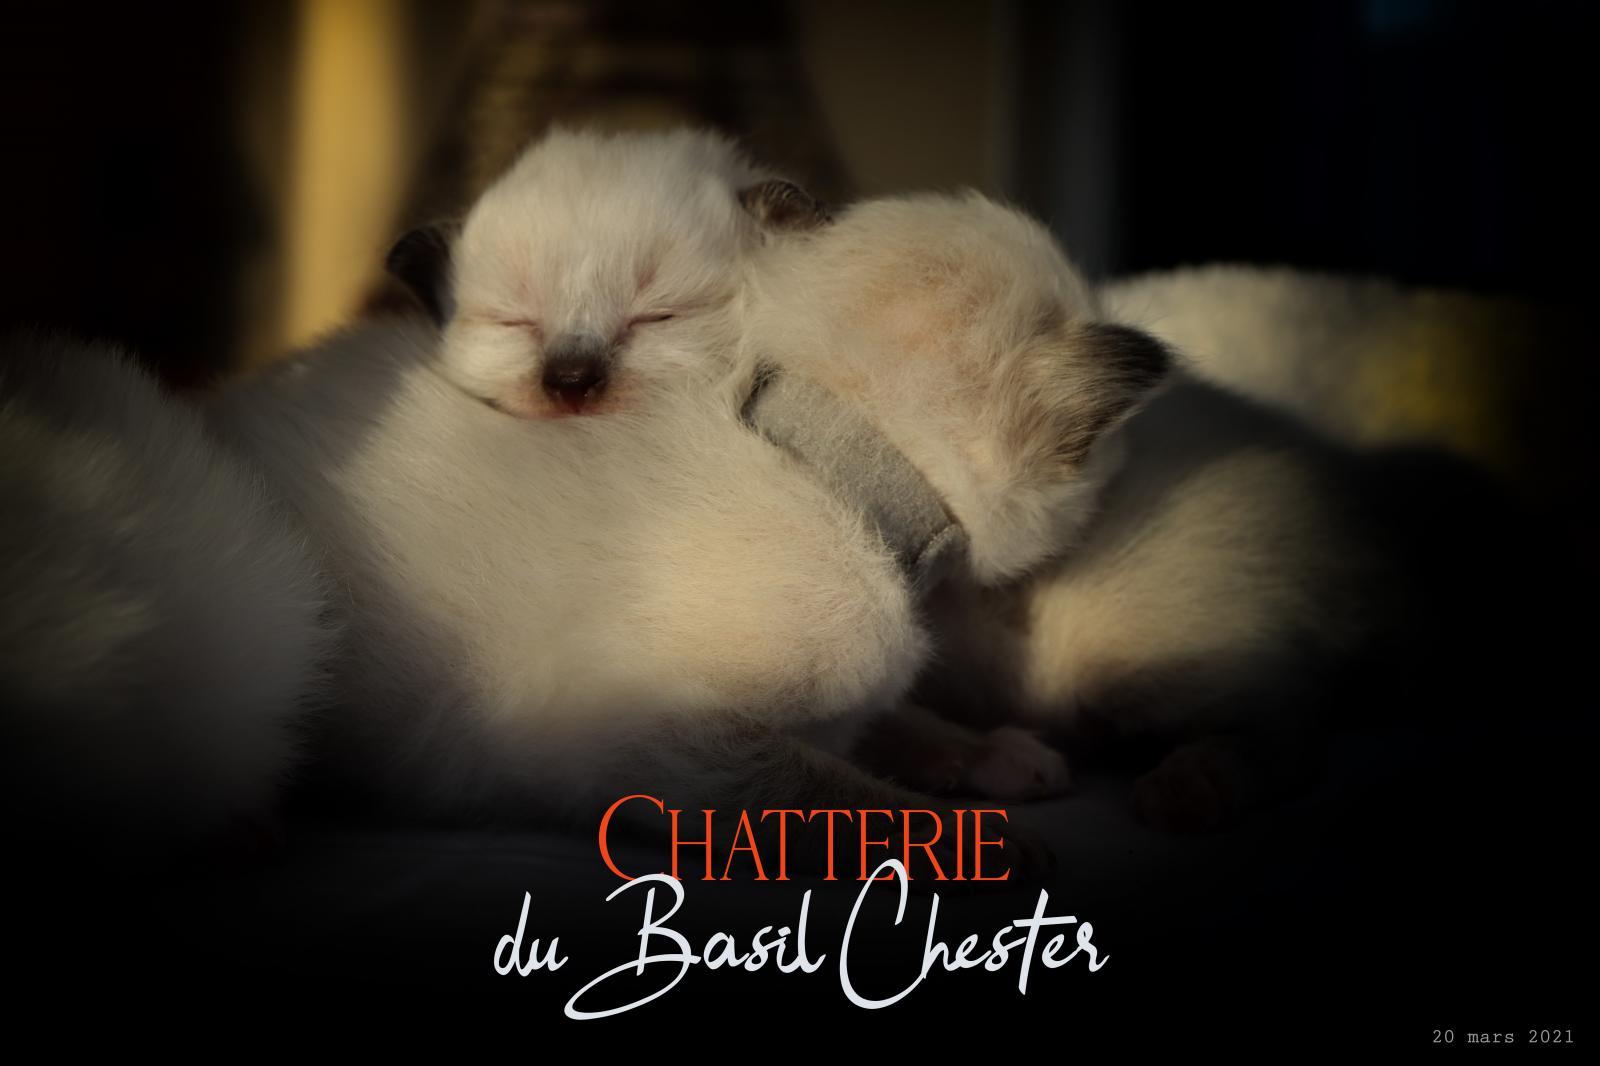 Chatterie Du Basil Chester